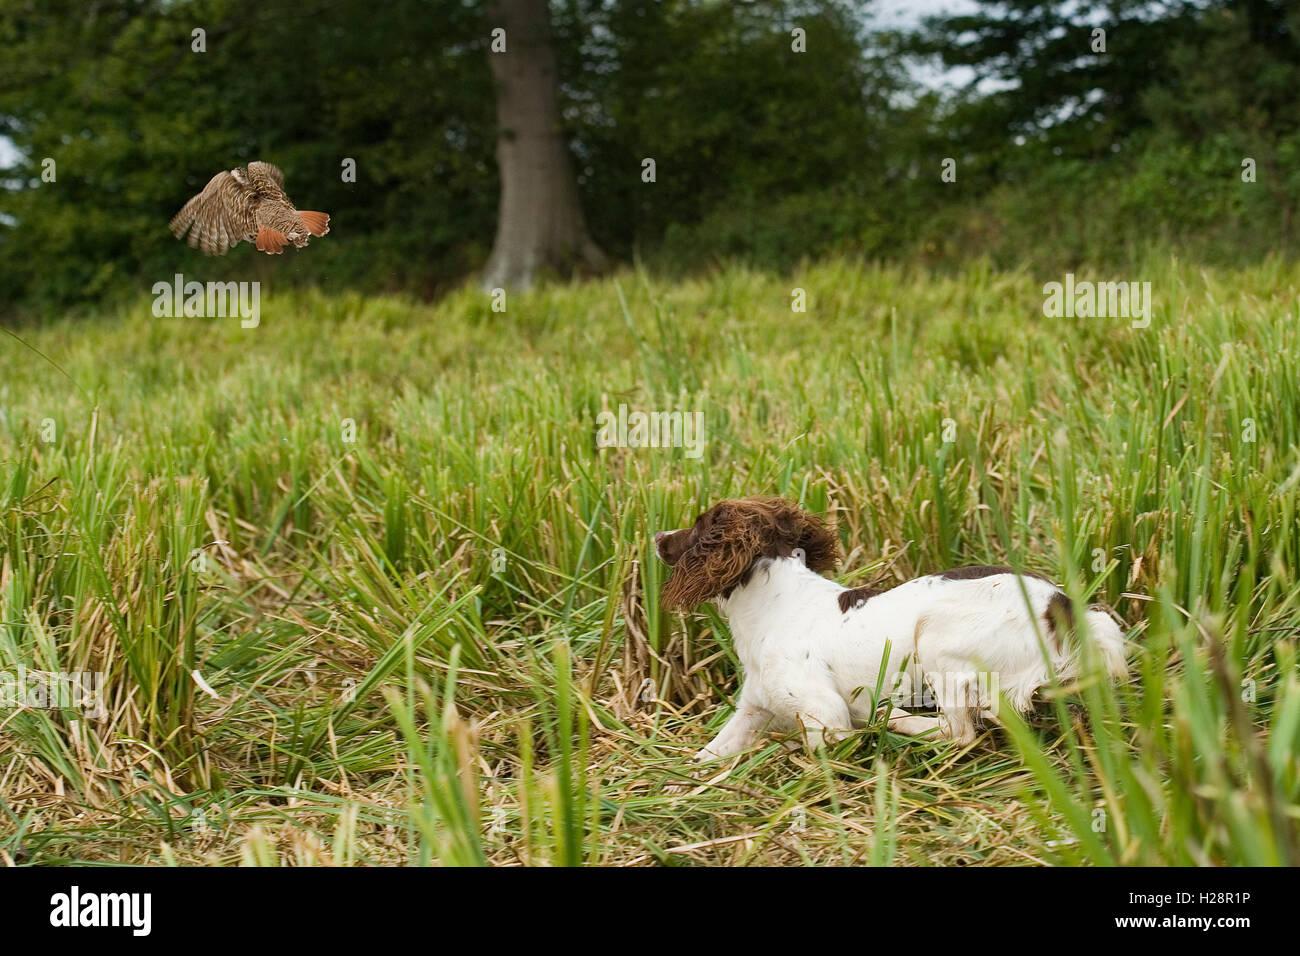 spaniel chasing partridge - Stock Image